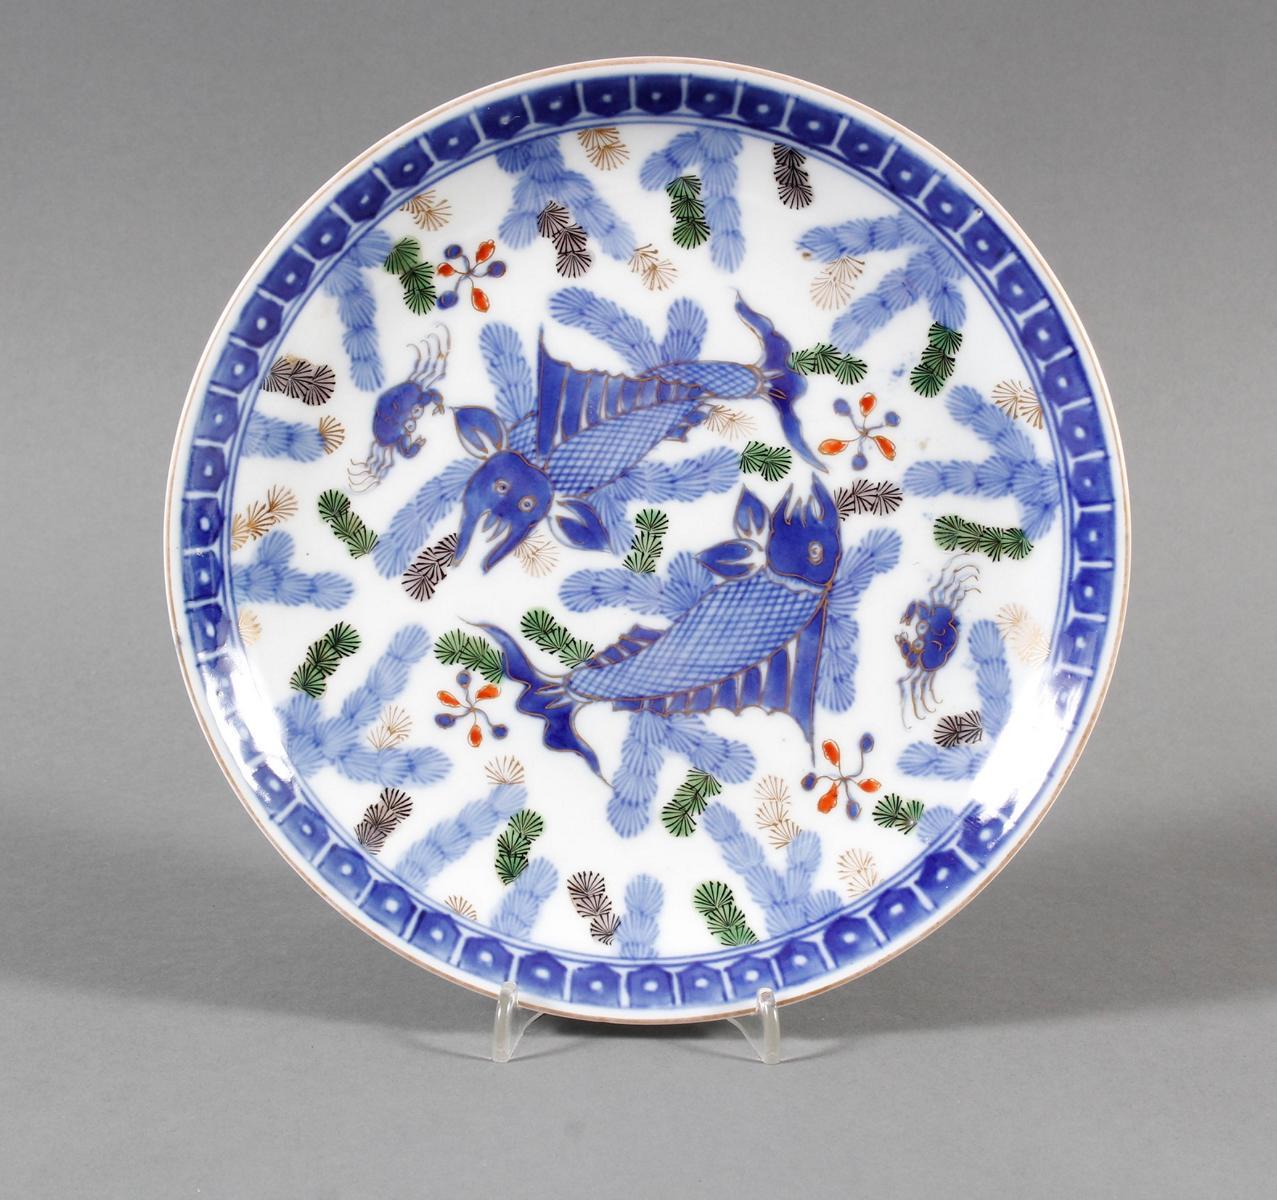 Kutani-Porzellanzierteller, Japan, Meiji- Periode (1868-1912)